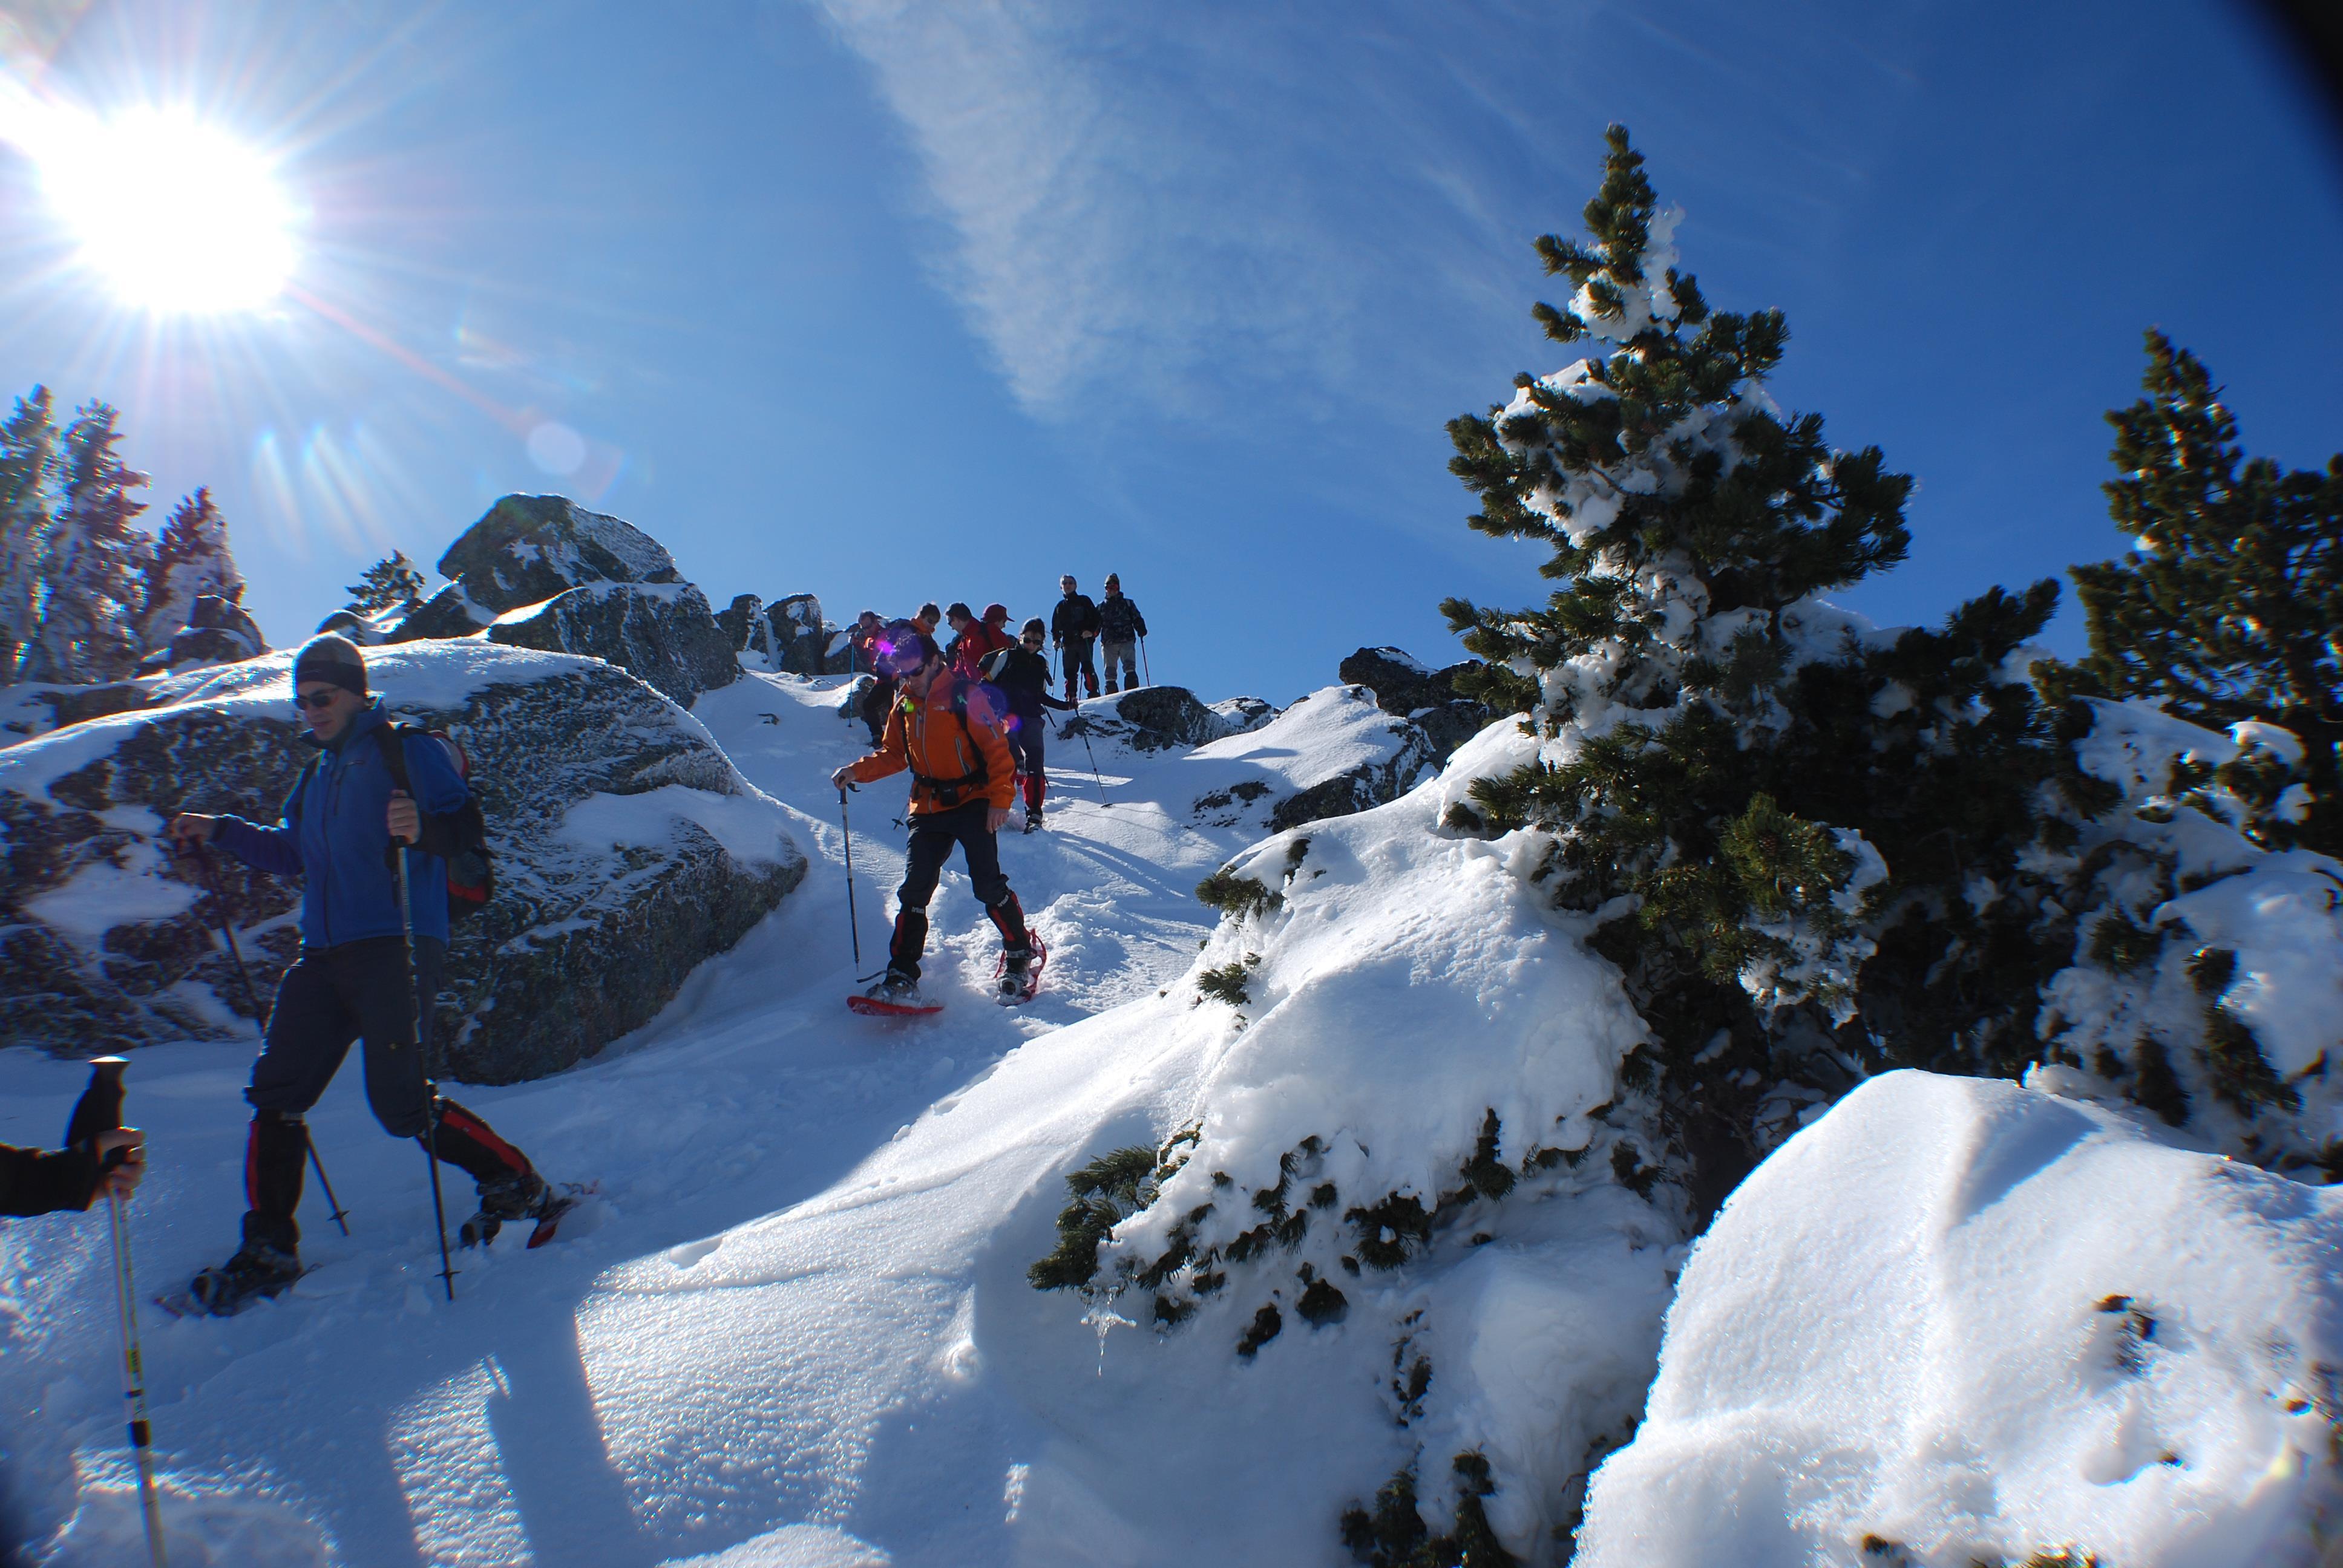 actividades de aventura en la nieve creacin de igls raquetas